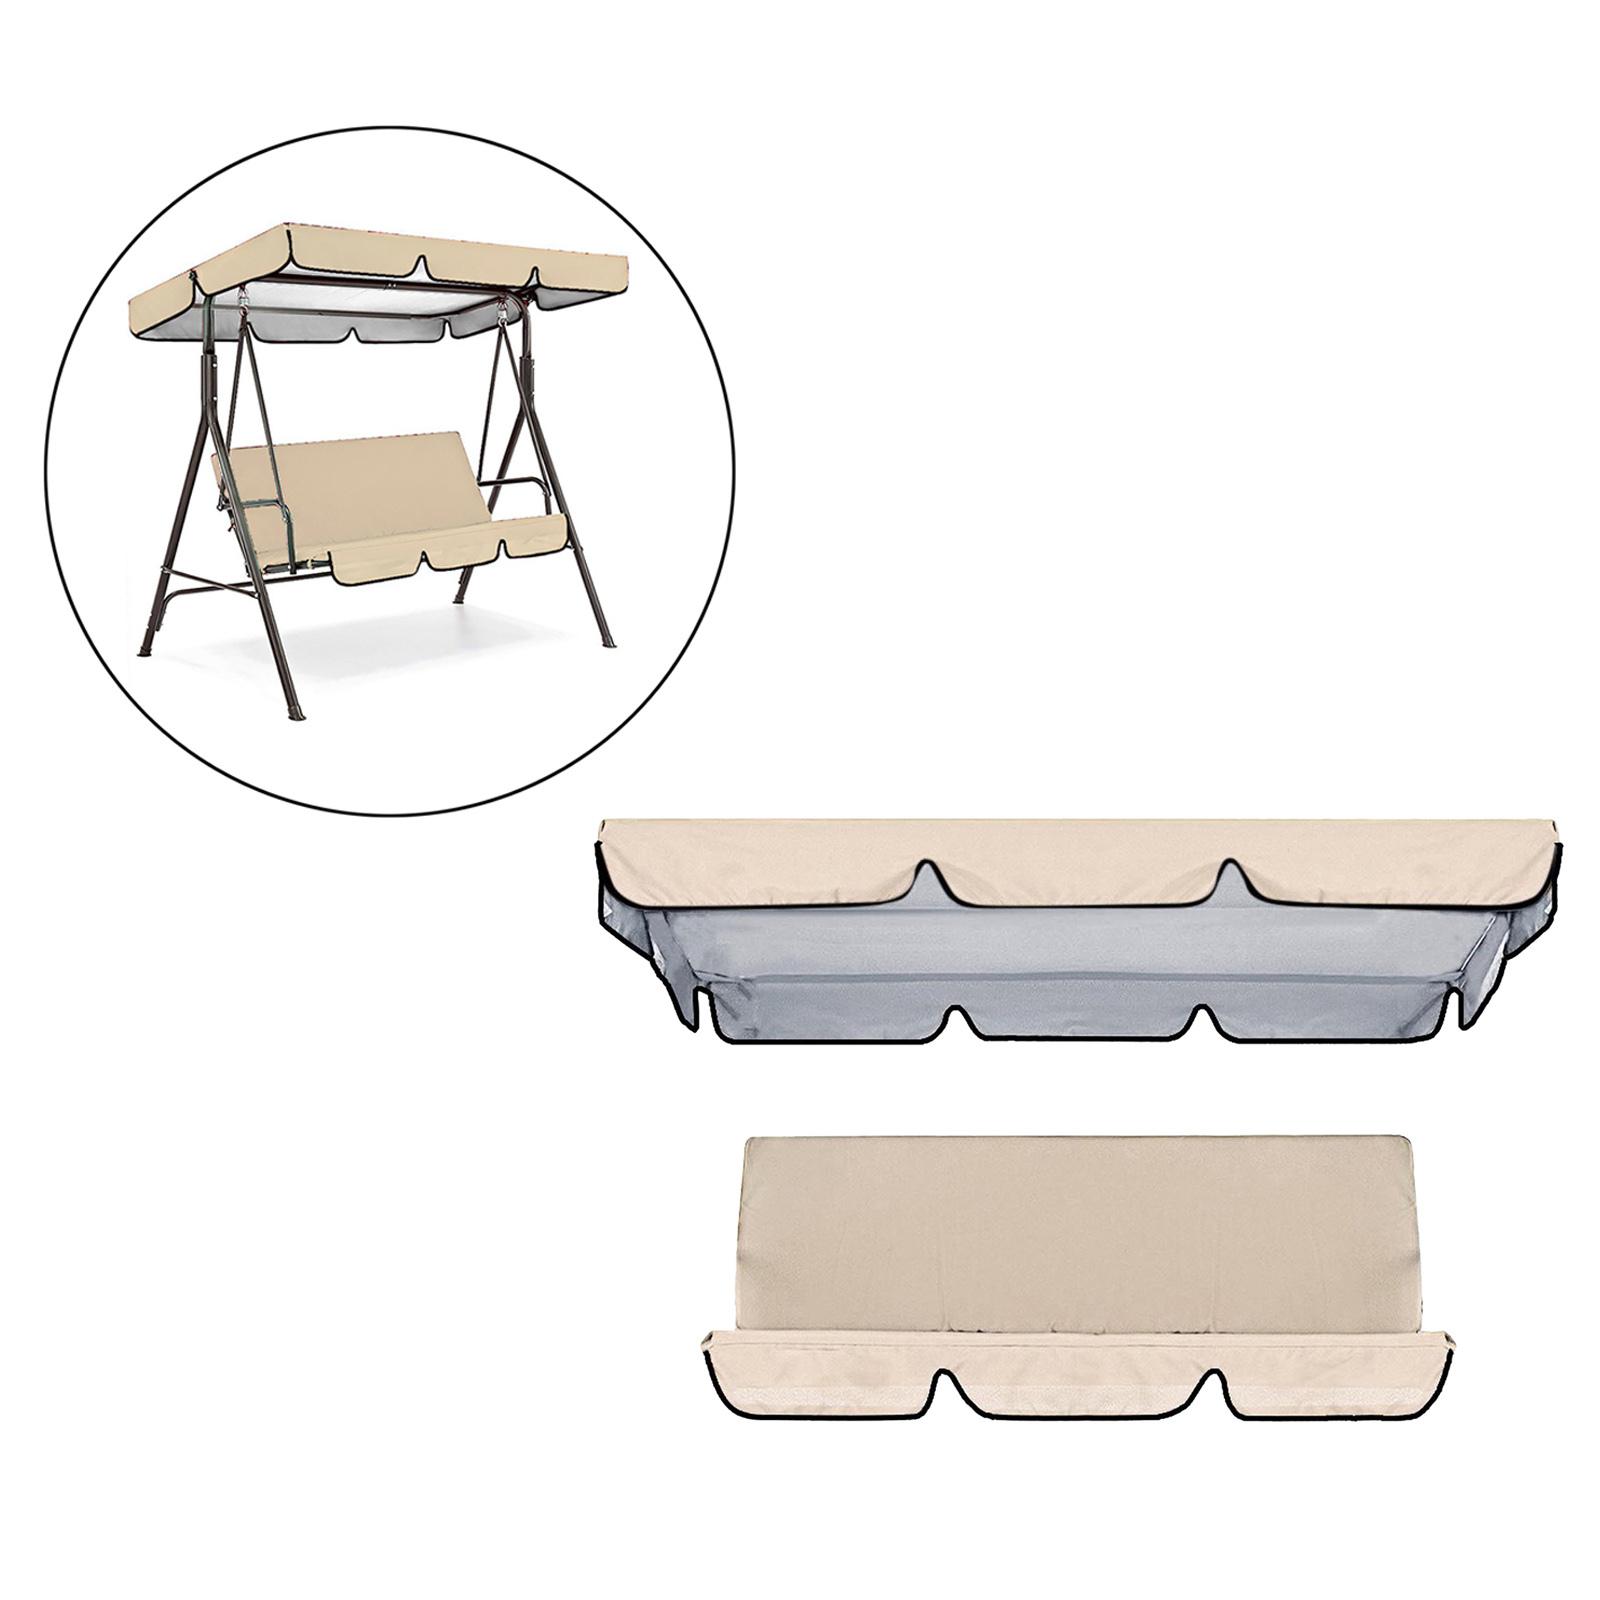 miniatura 24 - Sostituzione della copertura della sedia a dondolo da esterno per patio,